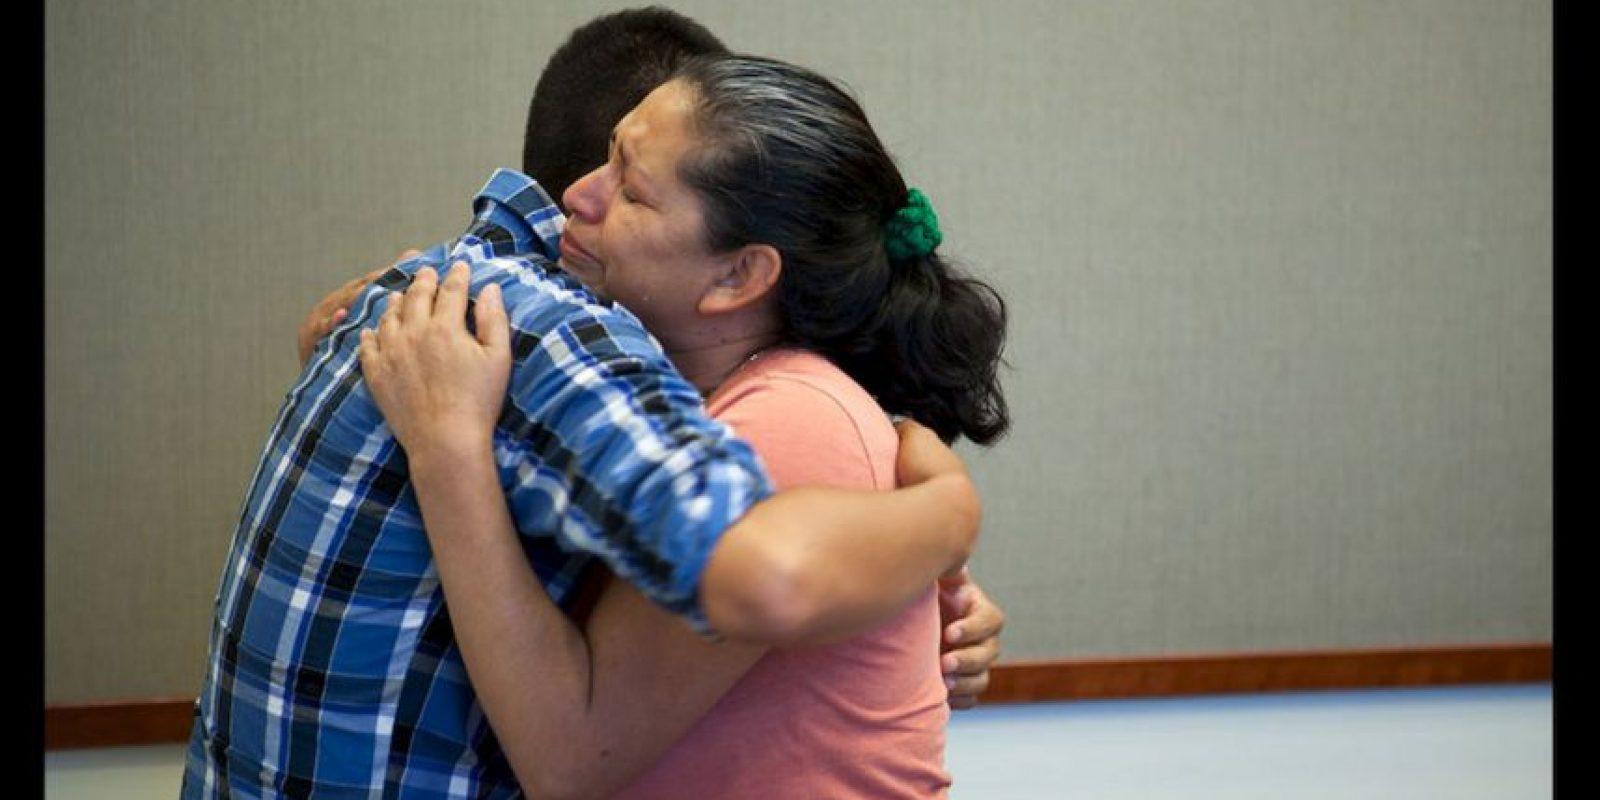 Durante 20 años su madre María Mancia lo buscó incansablemnte. Foto:Oficina del Fiscal de Distrito del Condado de San Bernardino. Imagen Por: